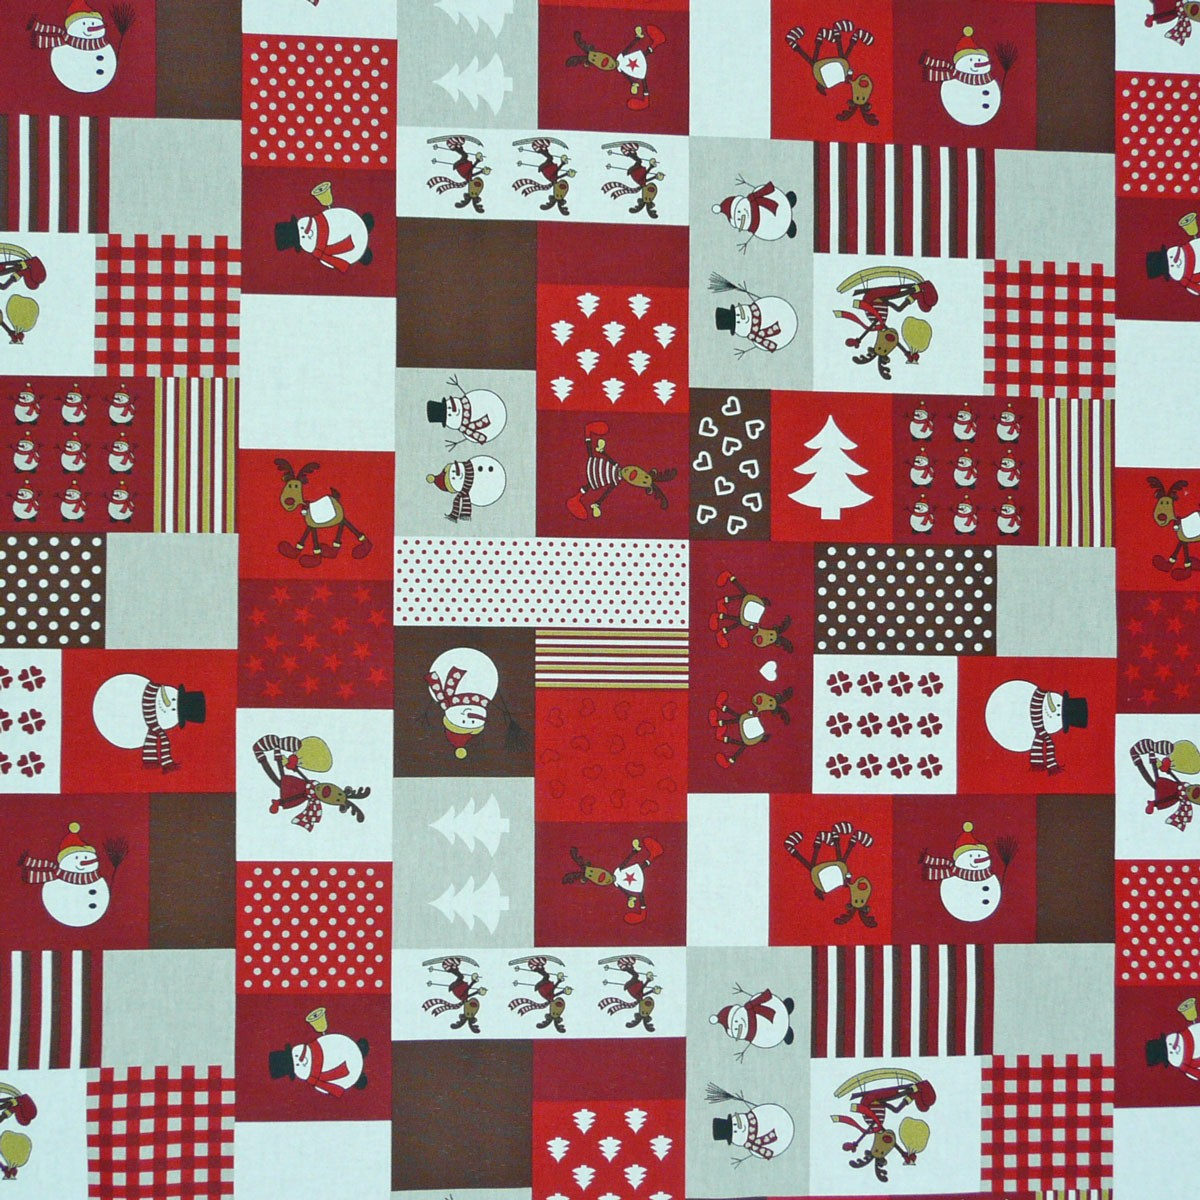 stoff dekostoff meterware schneemann elch patchwork weihnachten rot ebay. Black Bedroom Furniture Sets. Home Design Ideas